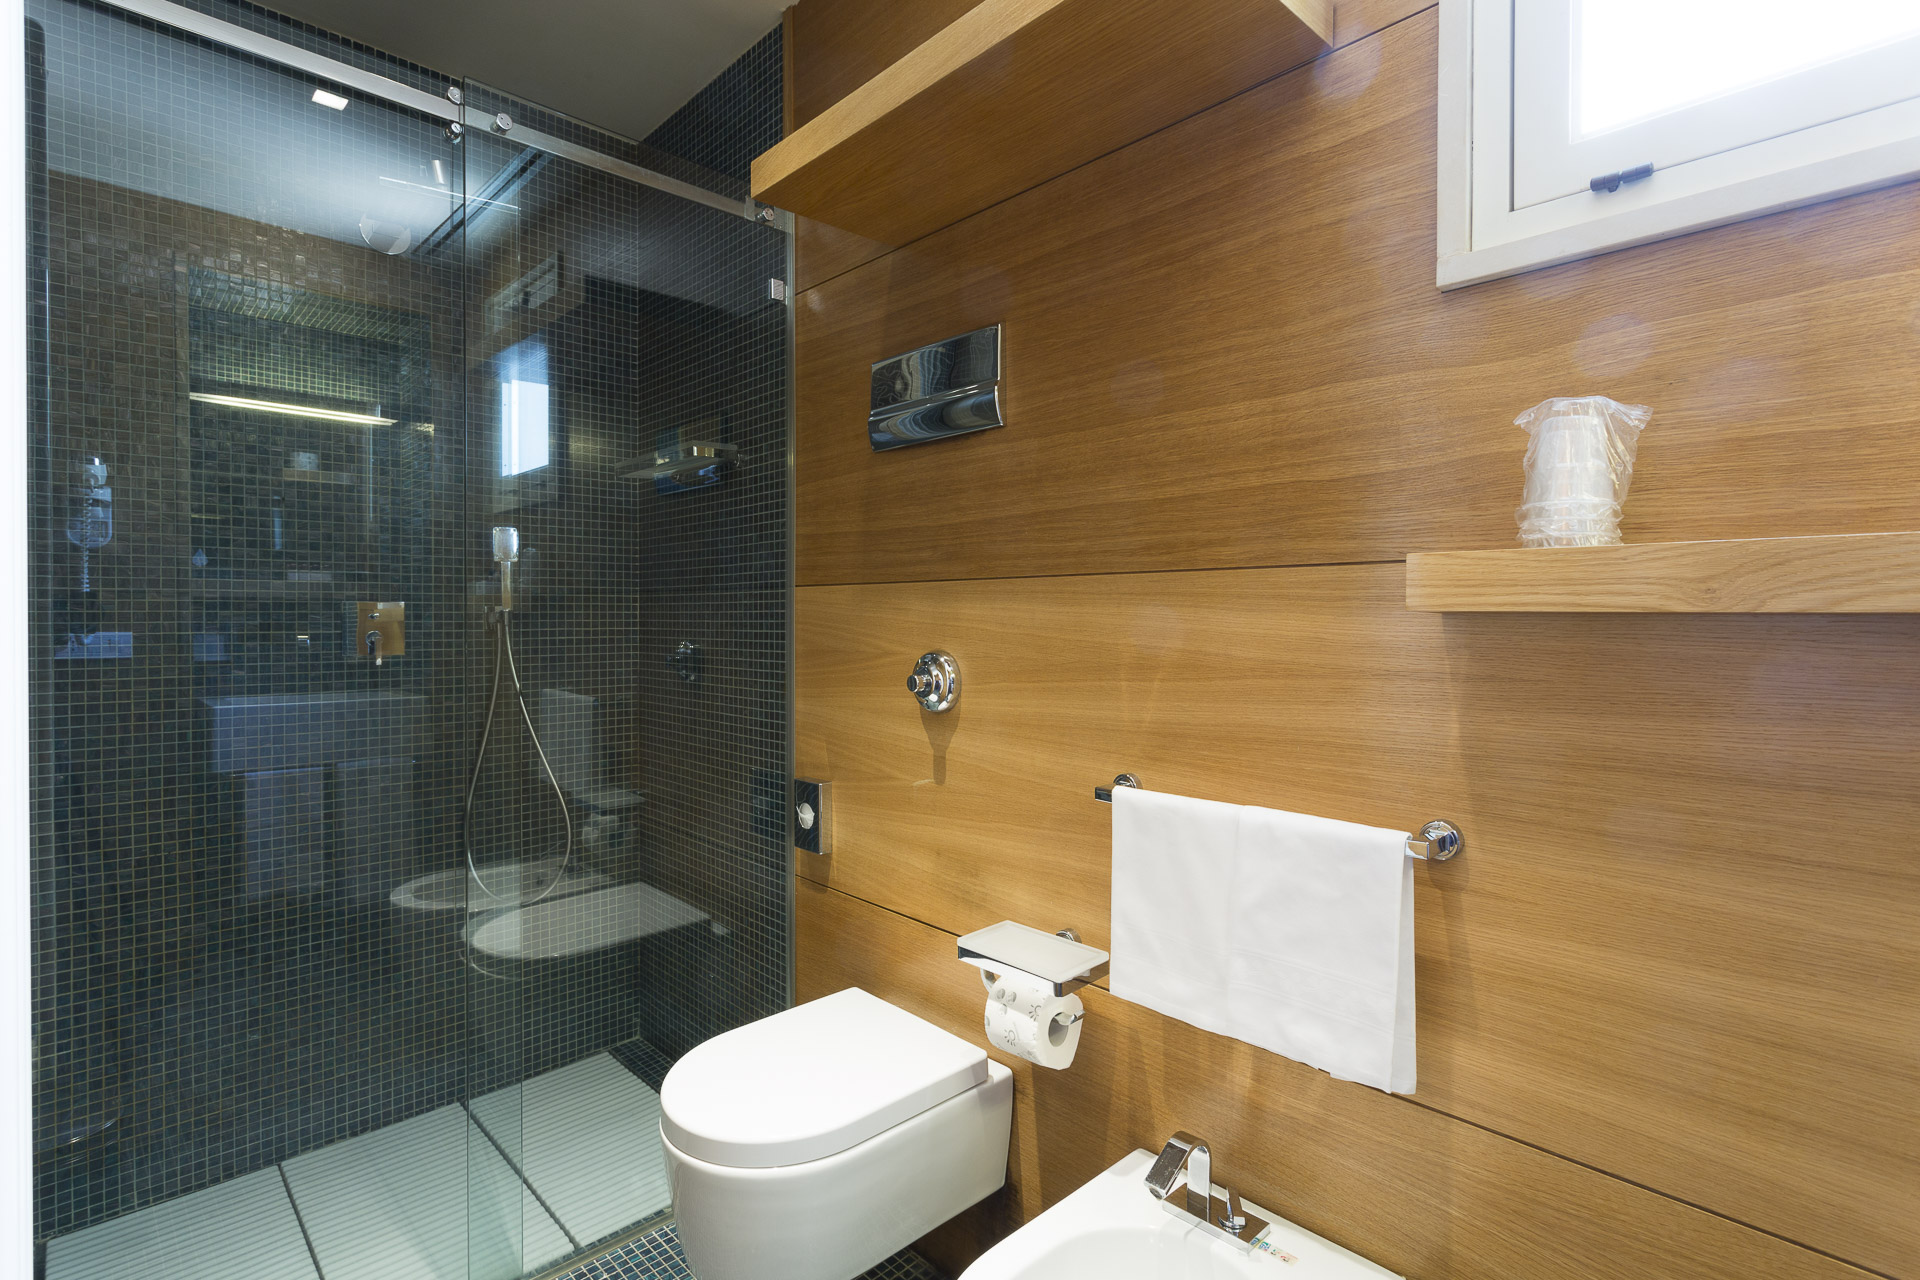 Camera Superior | Hotel900 4stelle superior | Scicli